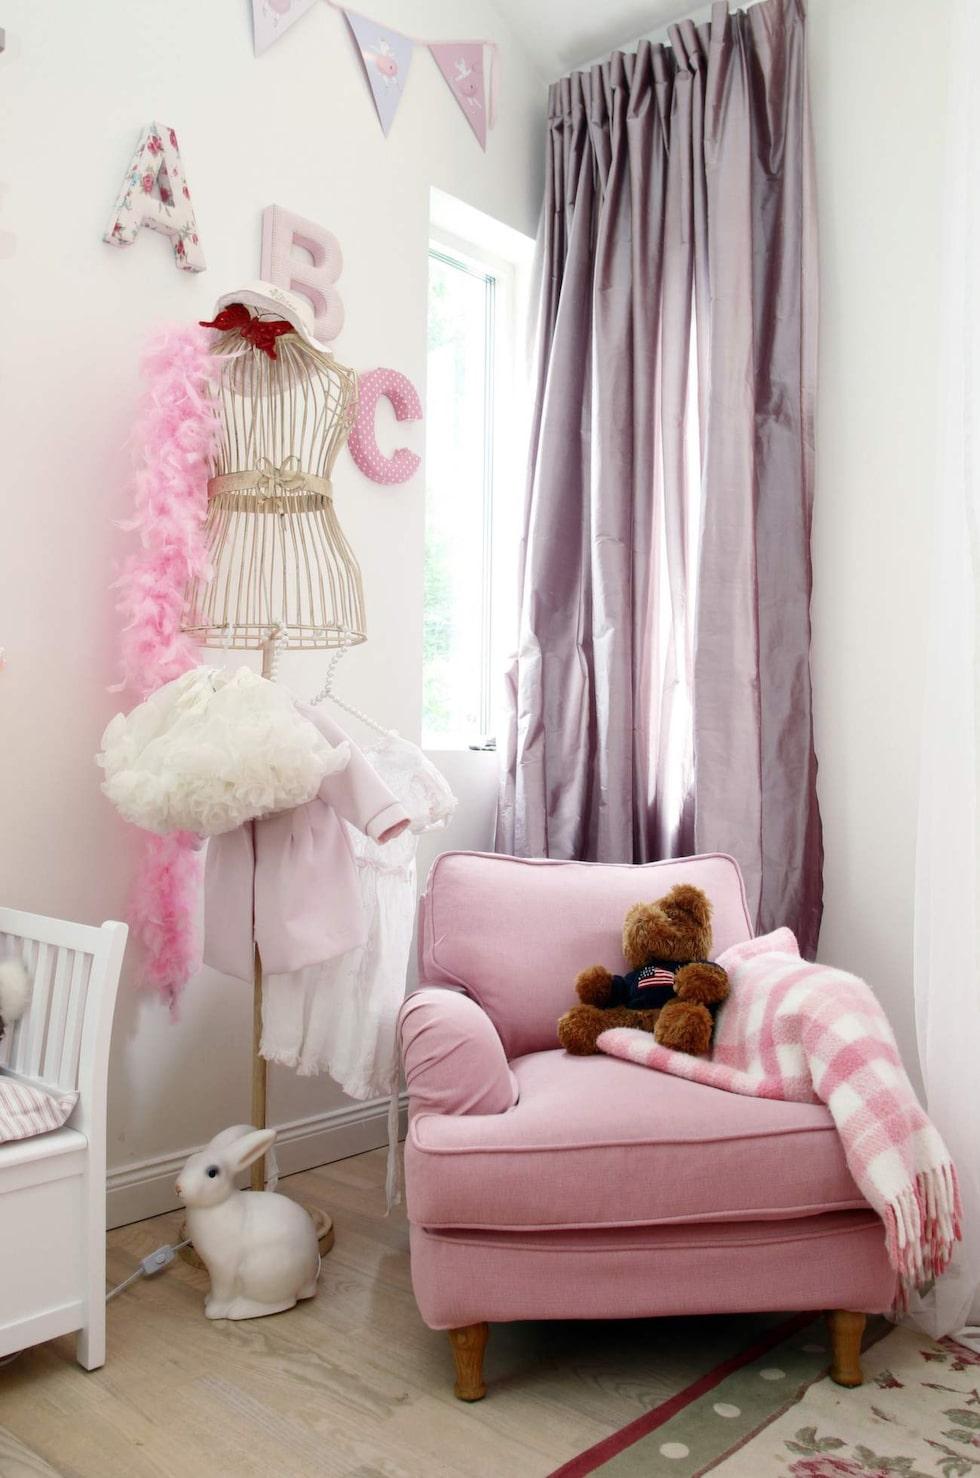 Konstnären Carolina Gynnings barnrum är ett riktig drömrum i rosa och spets. Fåtöljen kommer från Länna möbler, klädhängaren är en present från Carolinas pappa som jobbar med kläder.